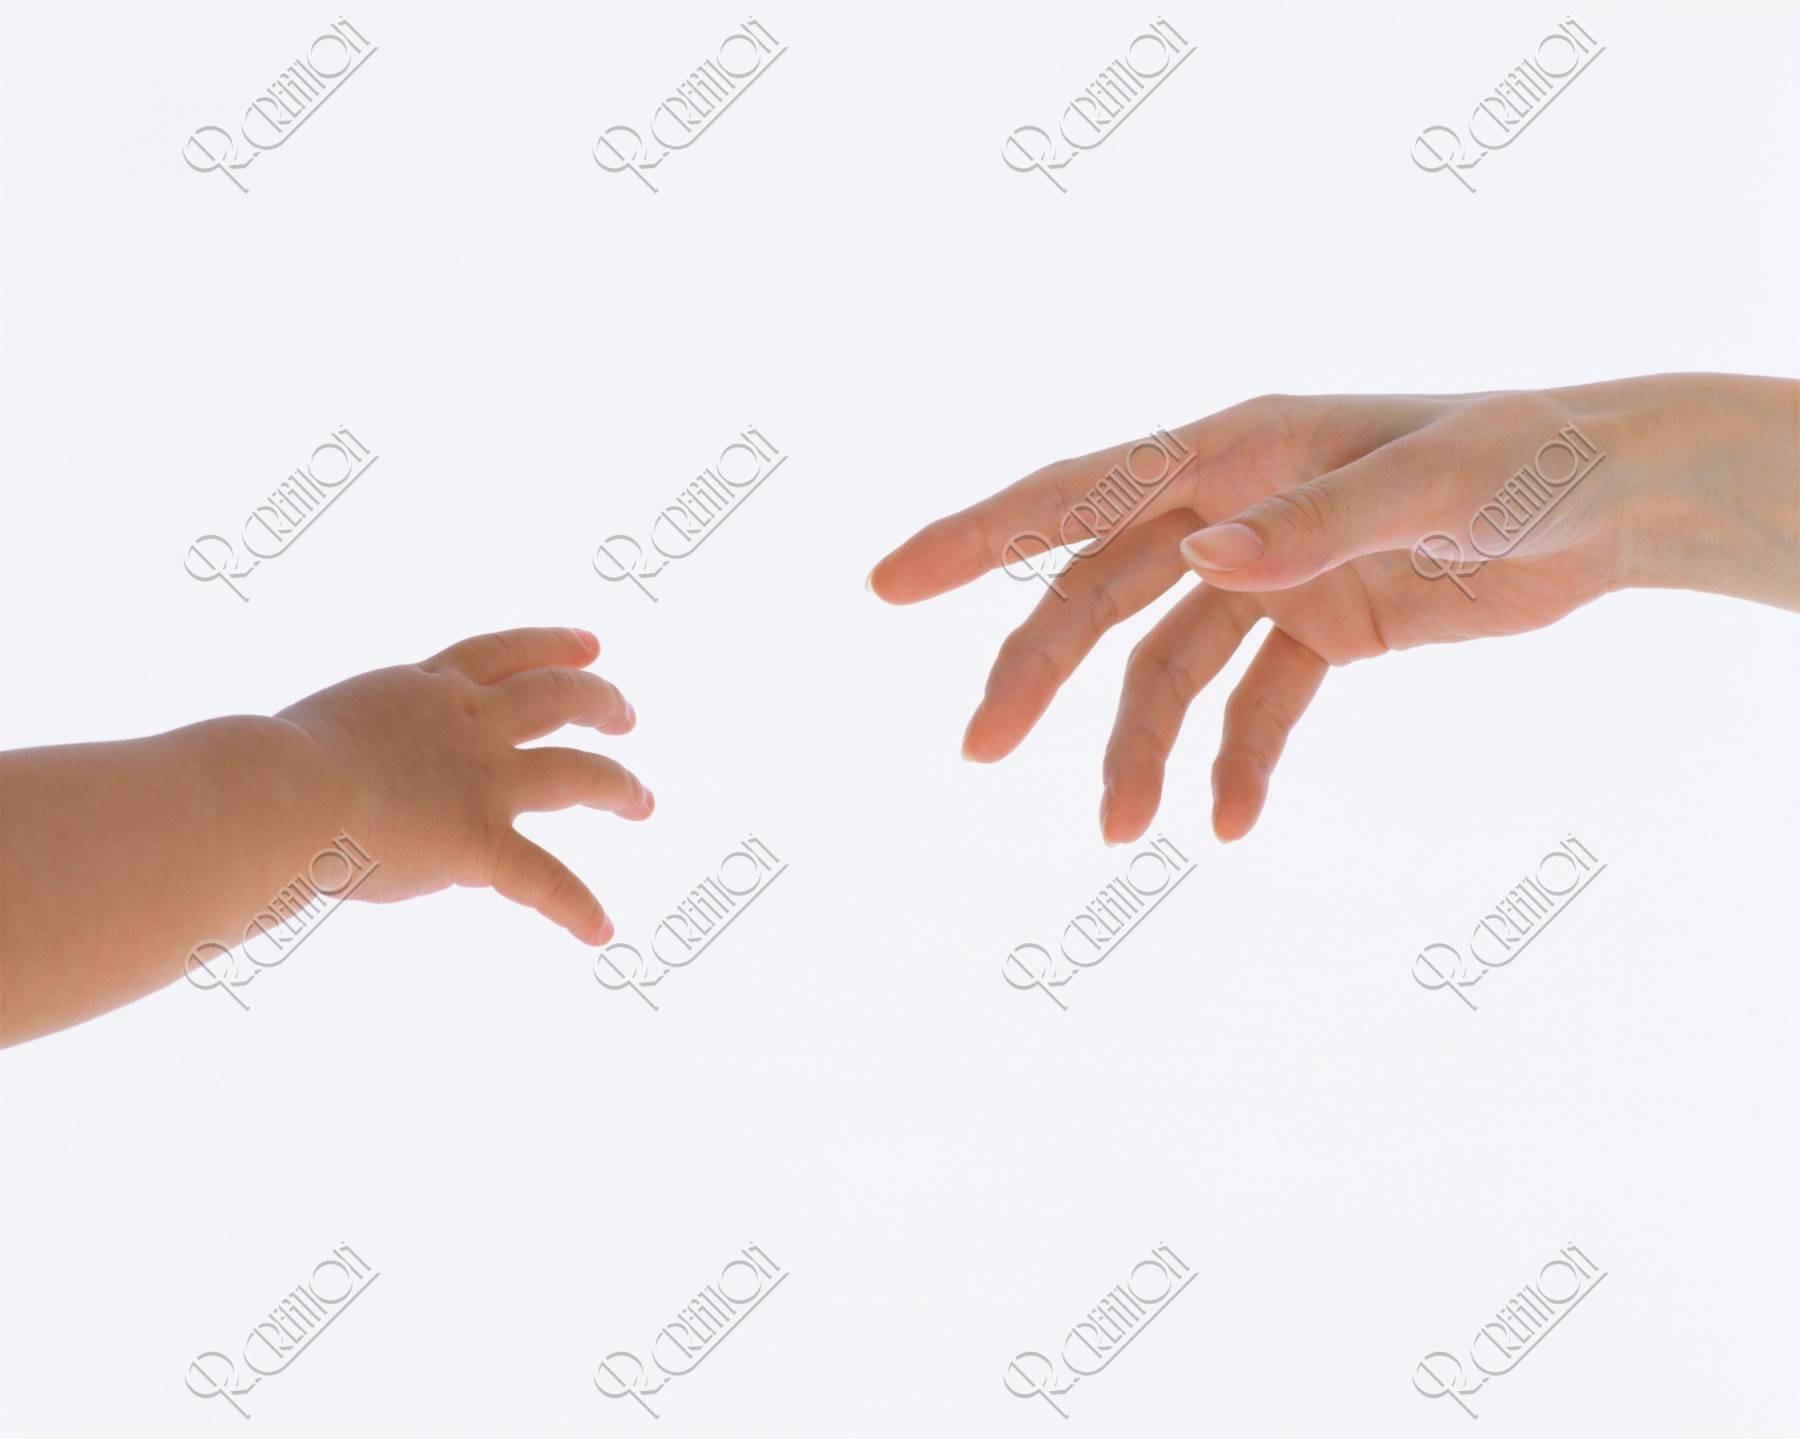 母の手と子供の手